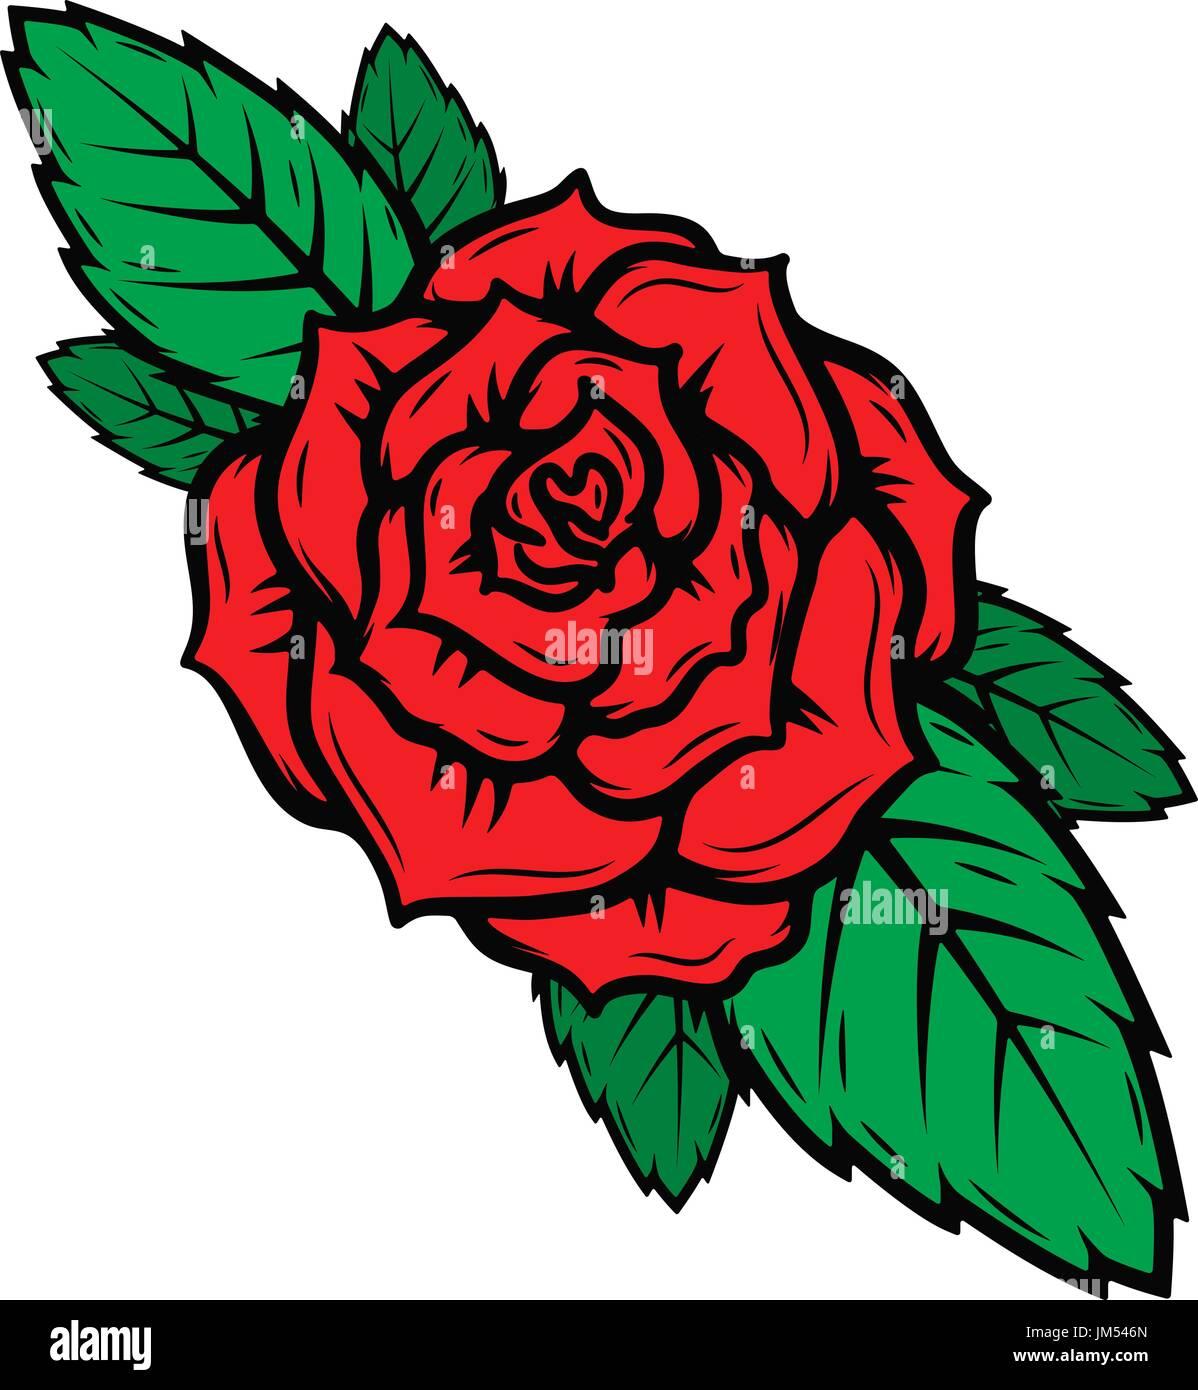 La Vieja Escuela Estilo Tatuaje Rosas Aislado Sobre Fondo Blanco